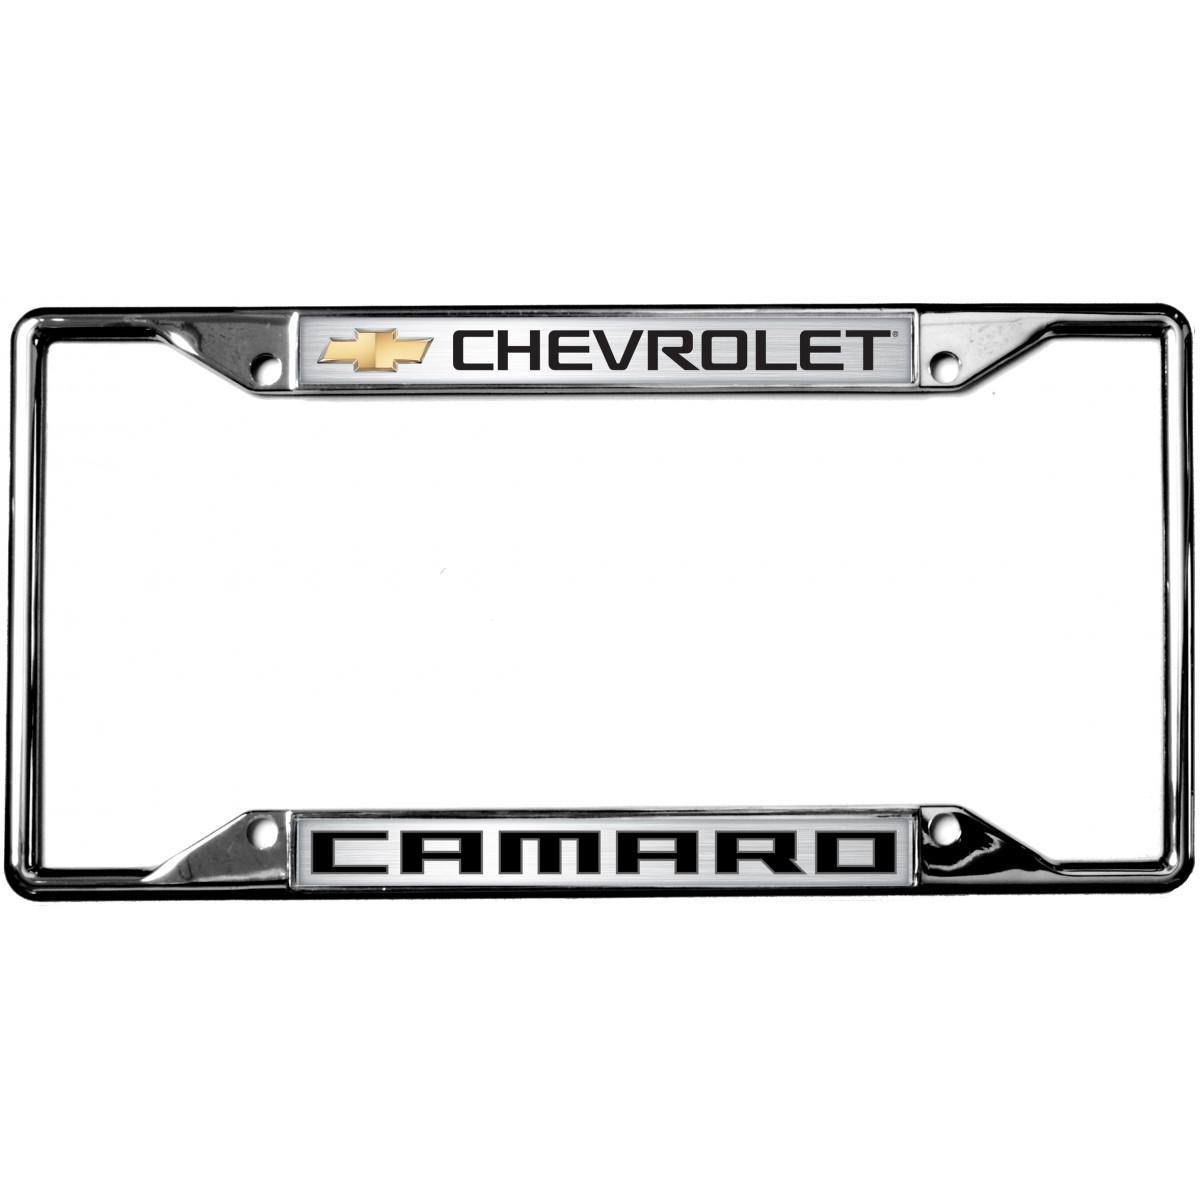 HossRods.com | Chevrolet Camaro License Plate Frame | Hot Rod ...